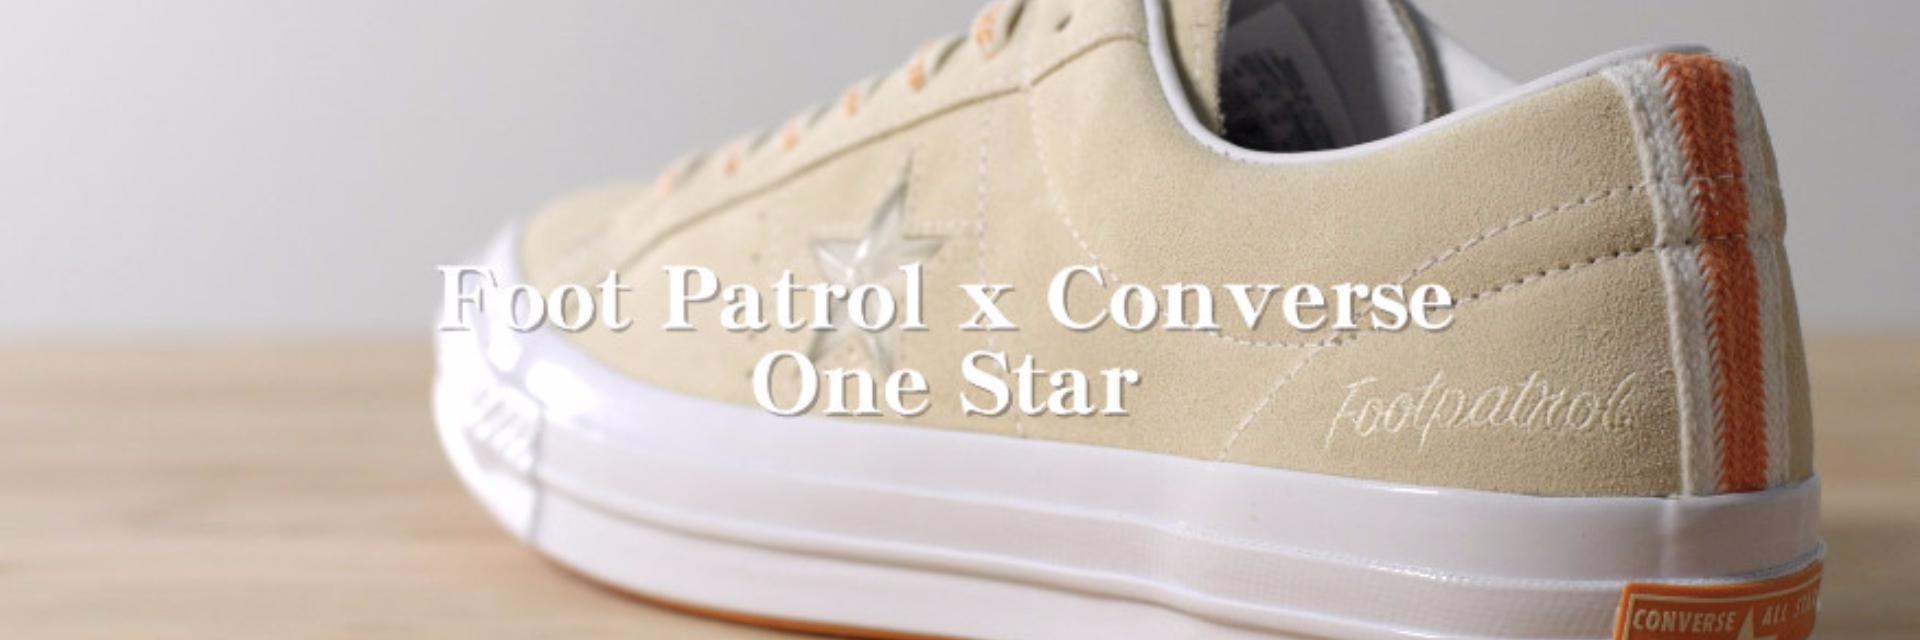 〔板系時尚〕從球場戰靴到造型利器,Converse One Star 如何於鞋圈獨領風騷?